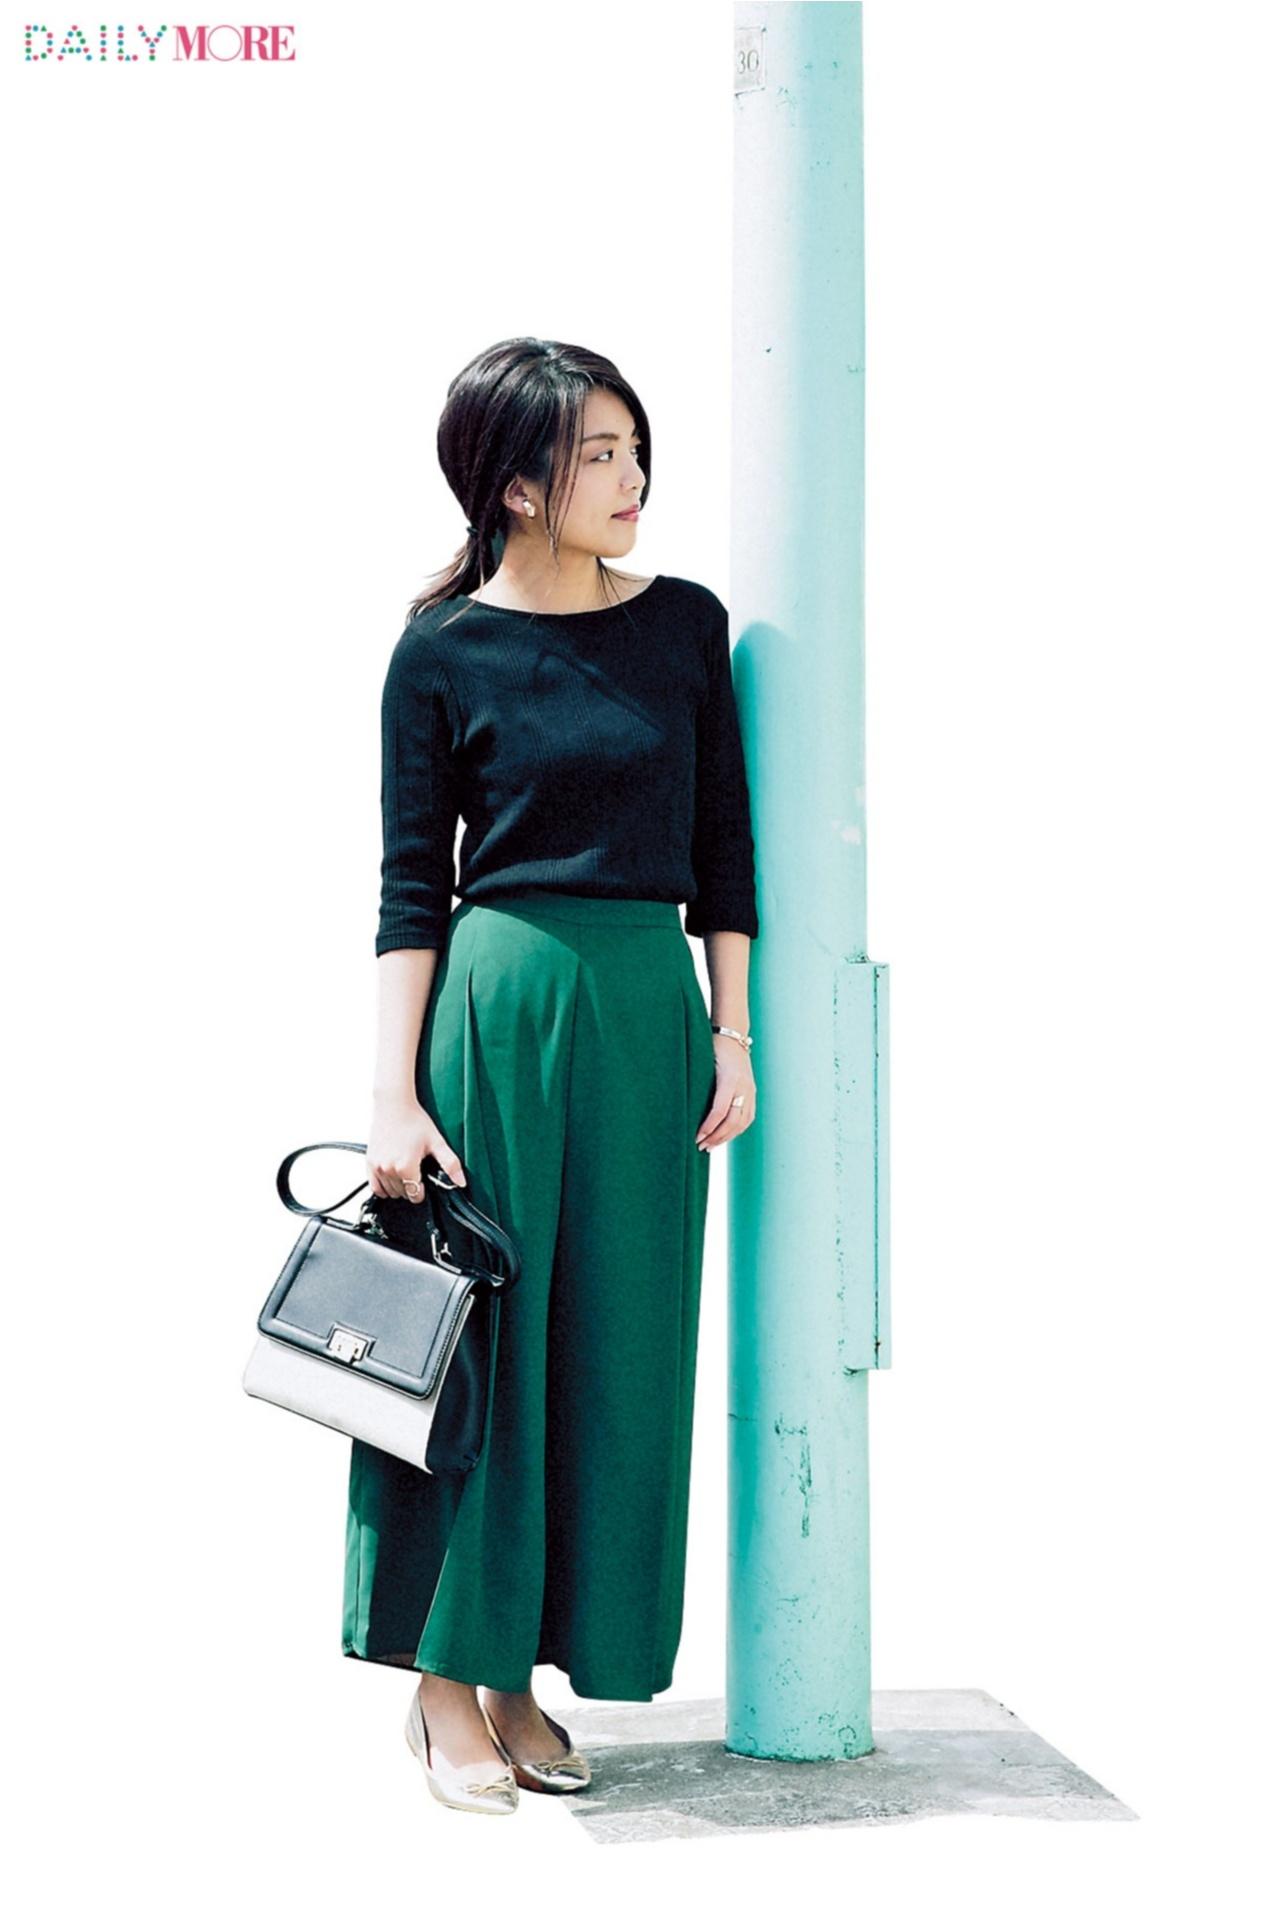 人気スタイリスト4人が1万円で『GU』でお買い物記事が大ヒット継続中☆ 今週のファッション人気ランキングトップ3!_1_3